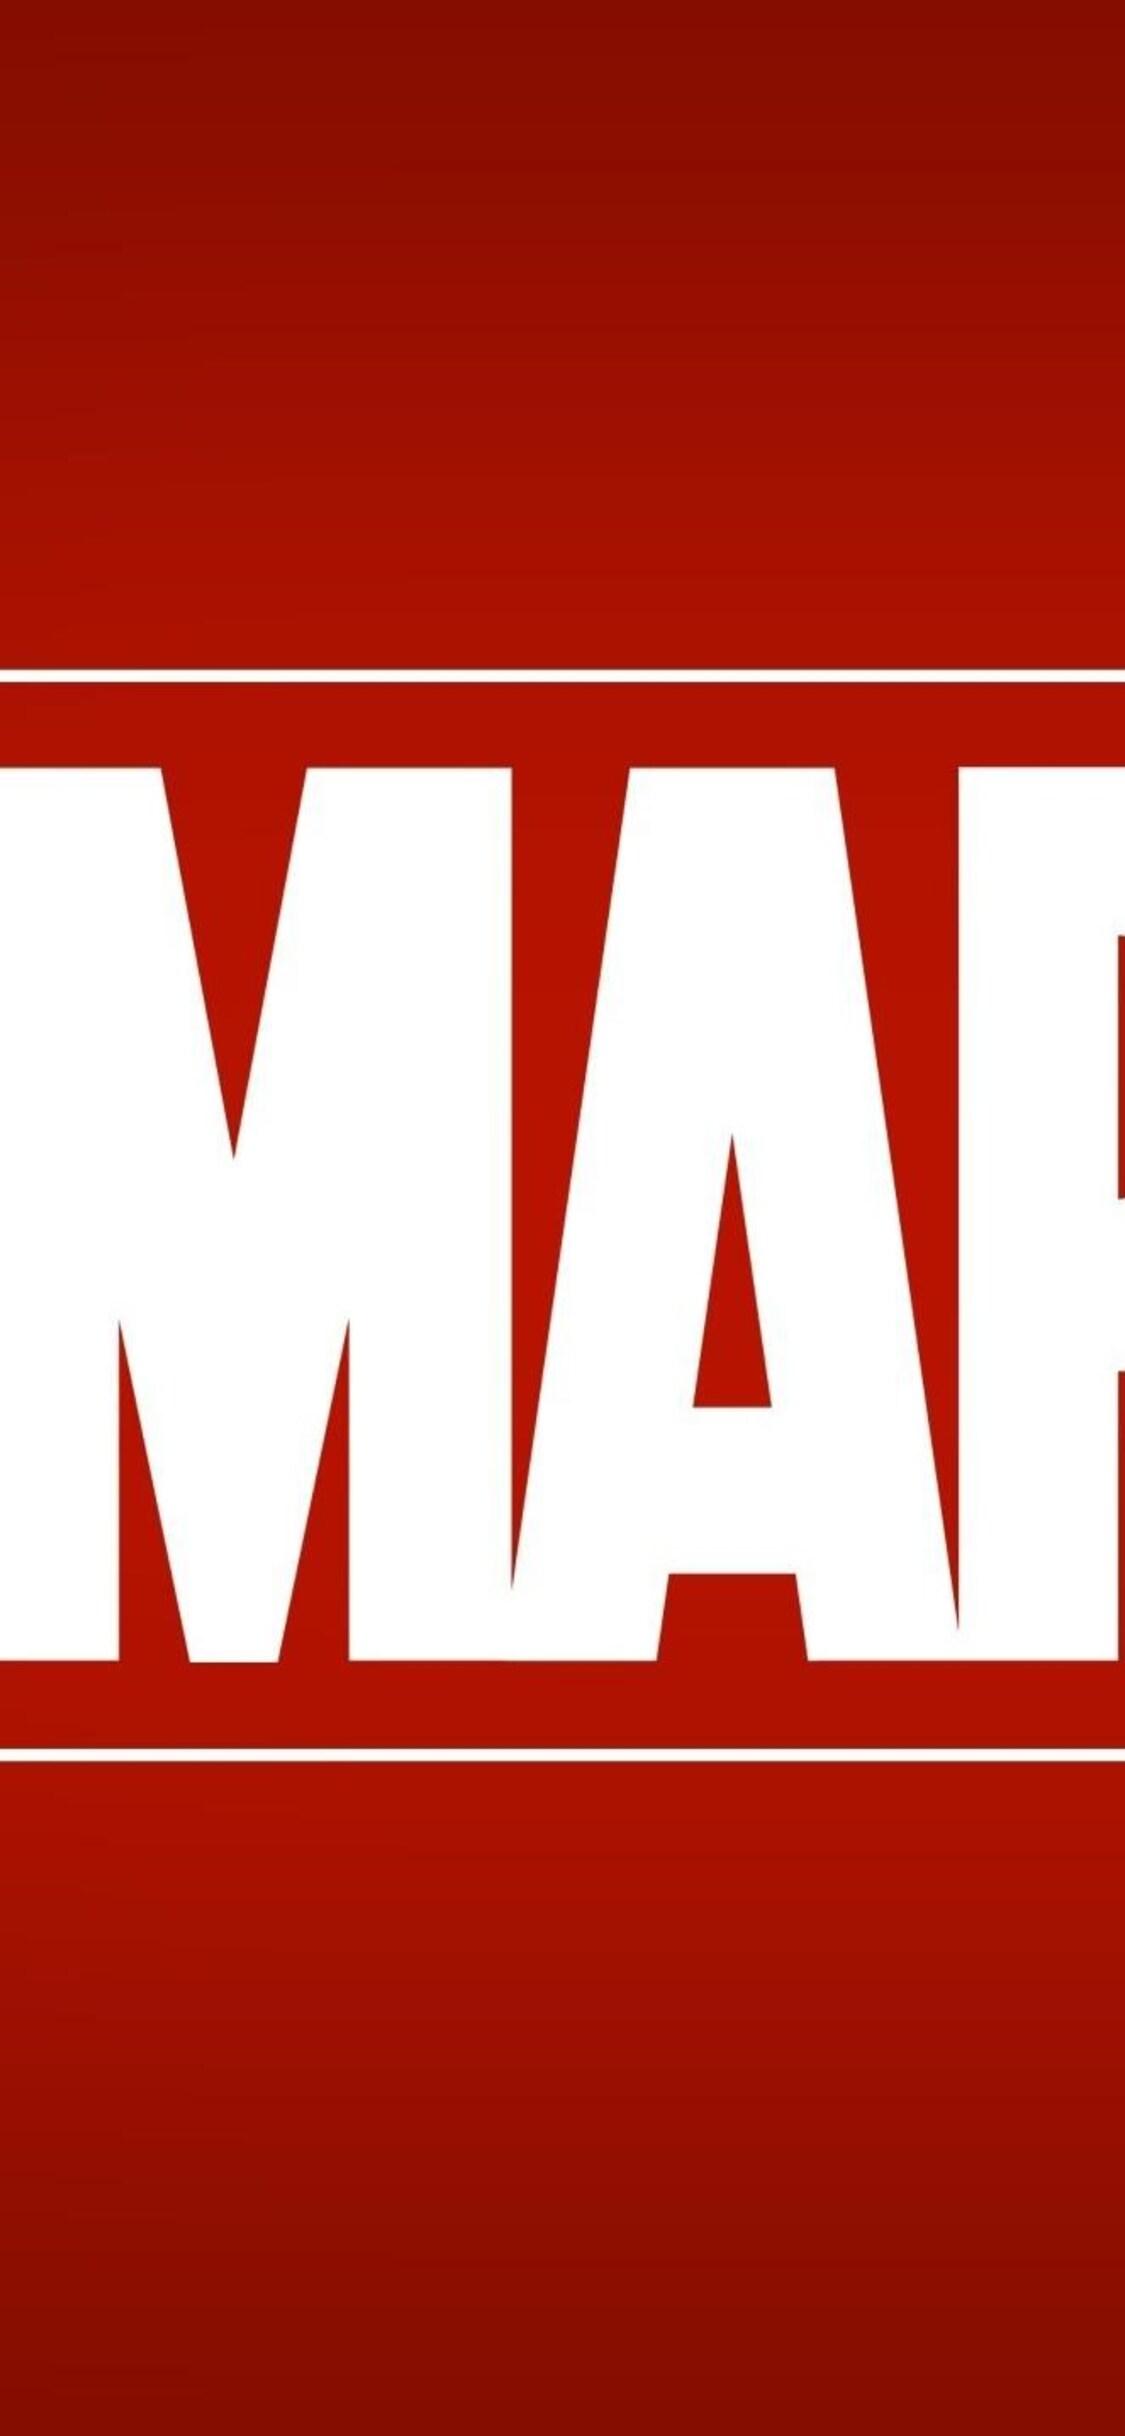 1125x2436 marvel comics logo iphone x iphone 10 hd 4k wallpapers rh hdqwalls com marvel logo font free download marvel logo font free download